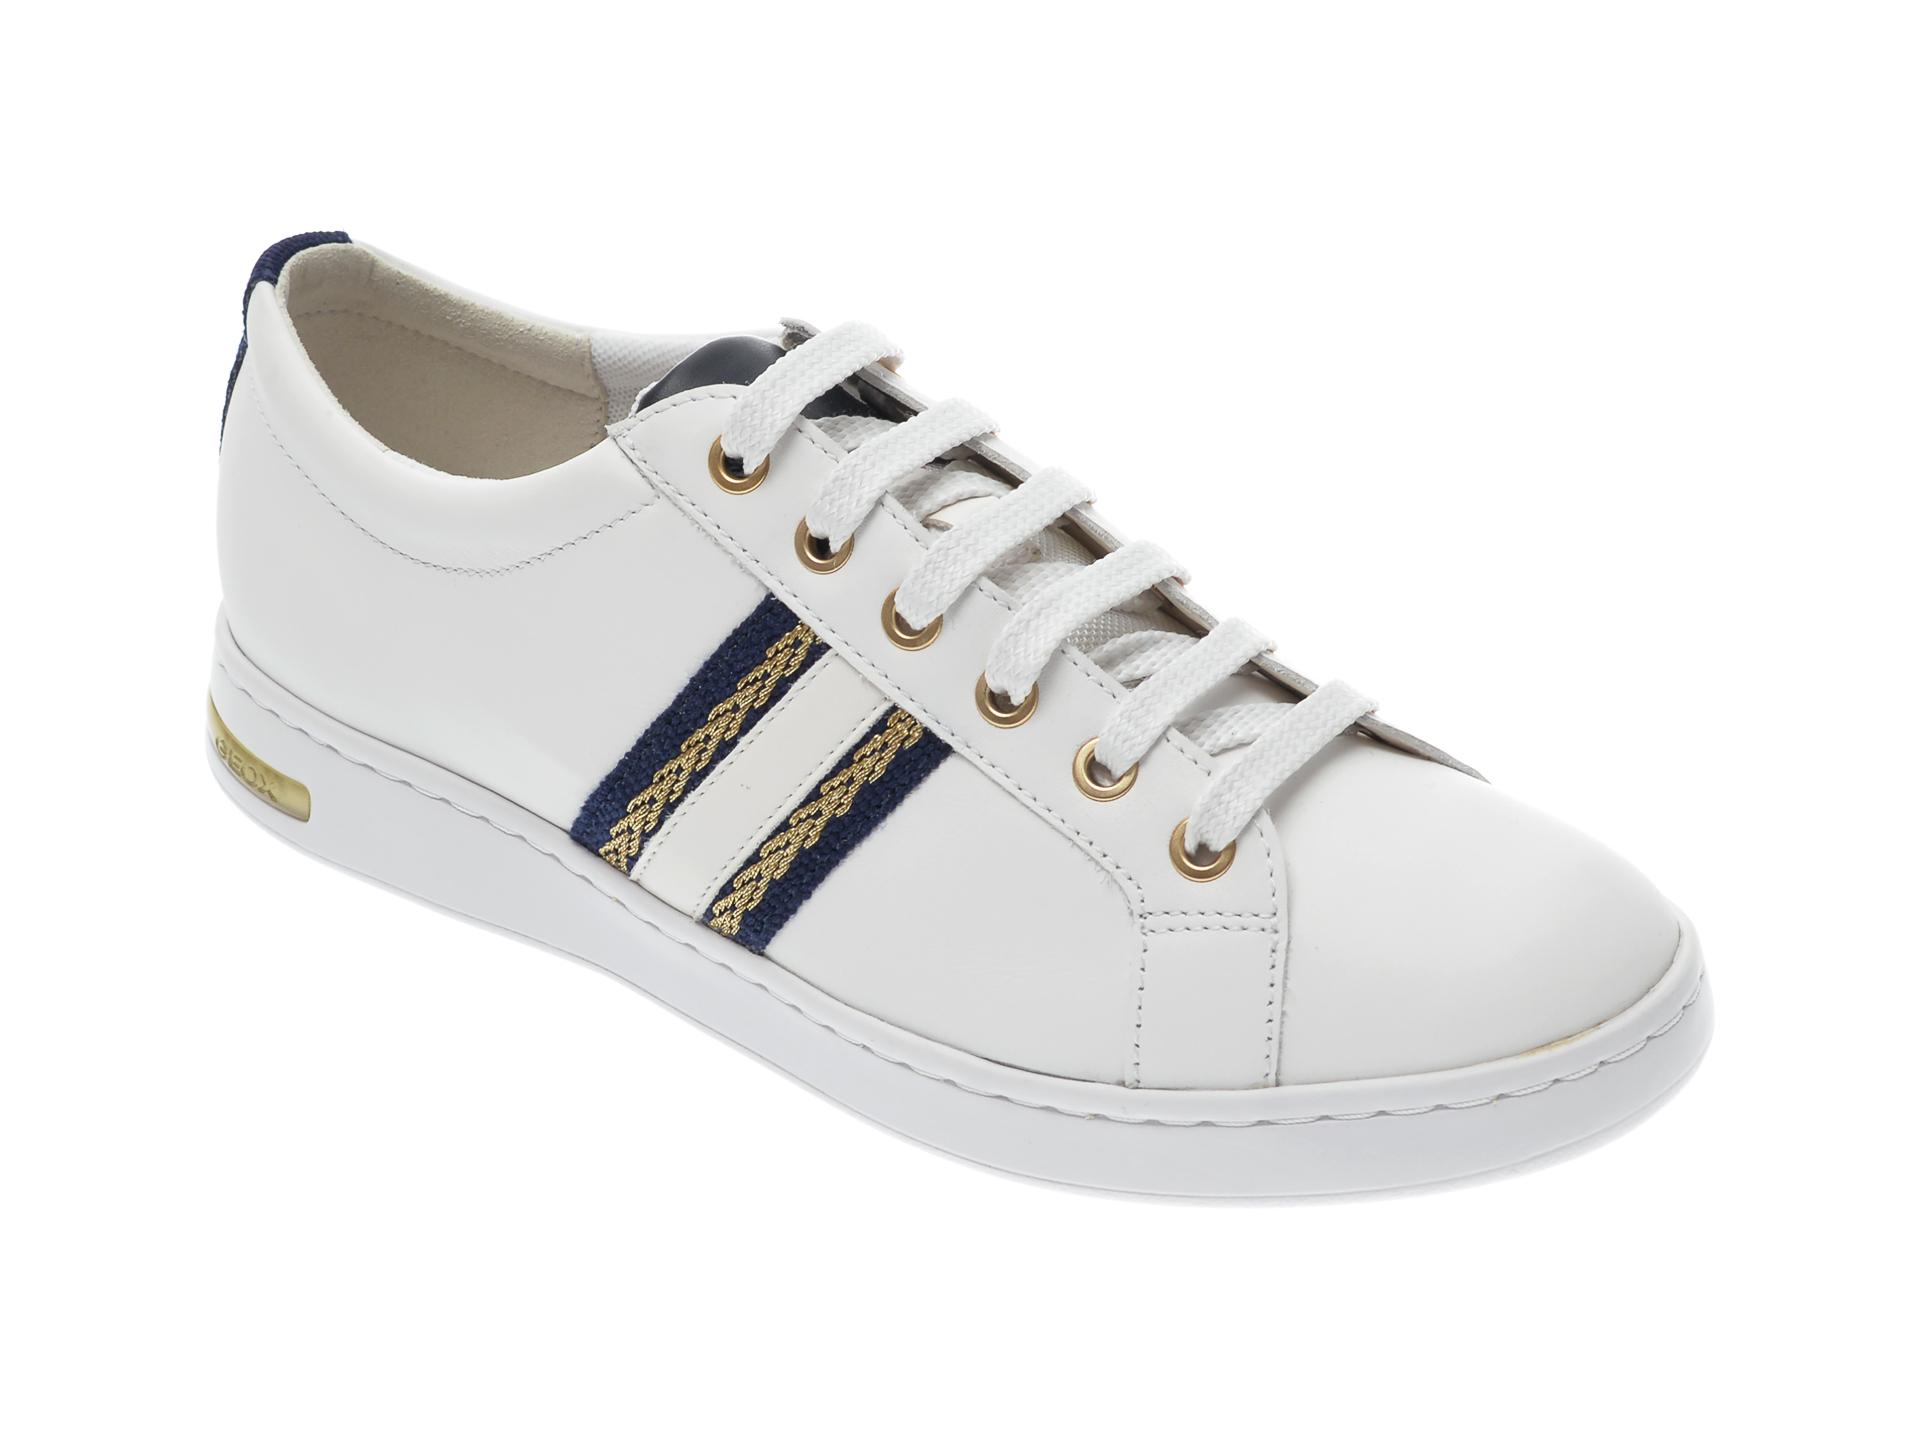 Pantofi sport GEOX albi, D921BA, din piele naturala